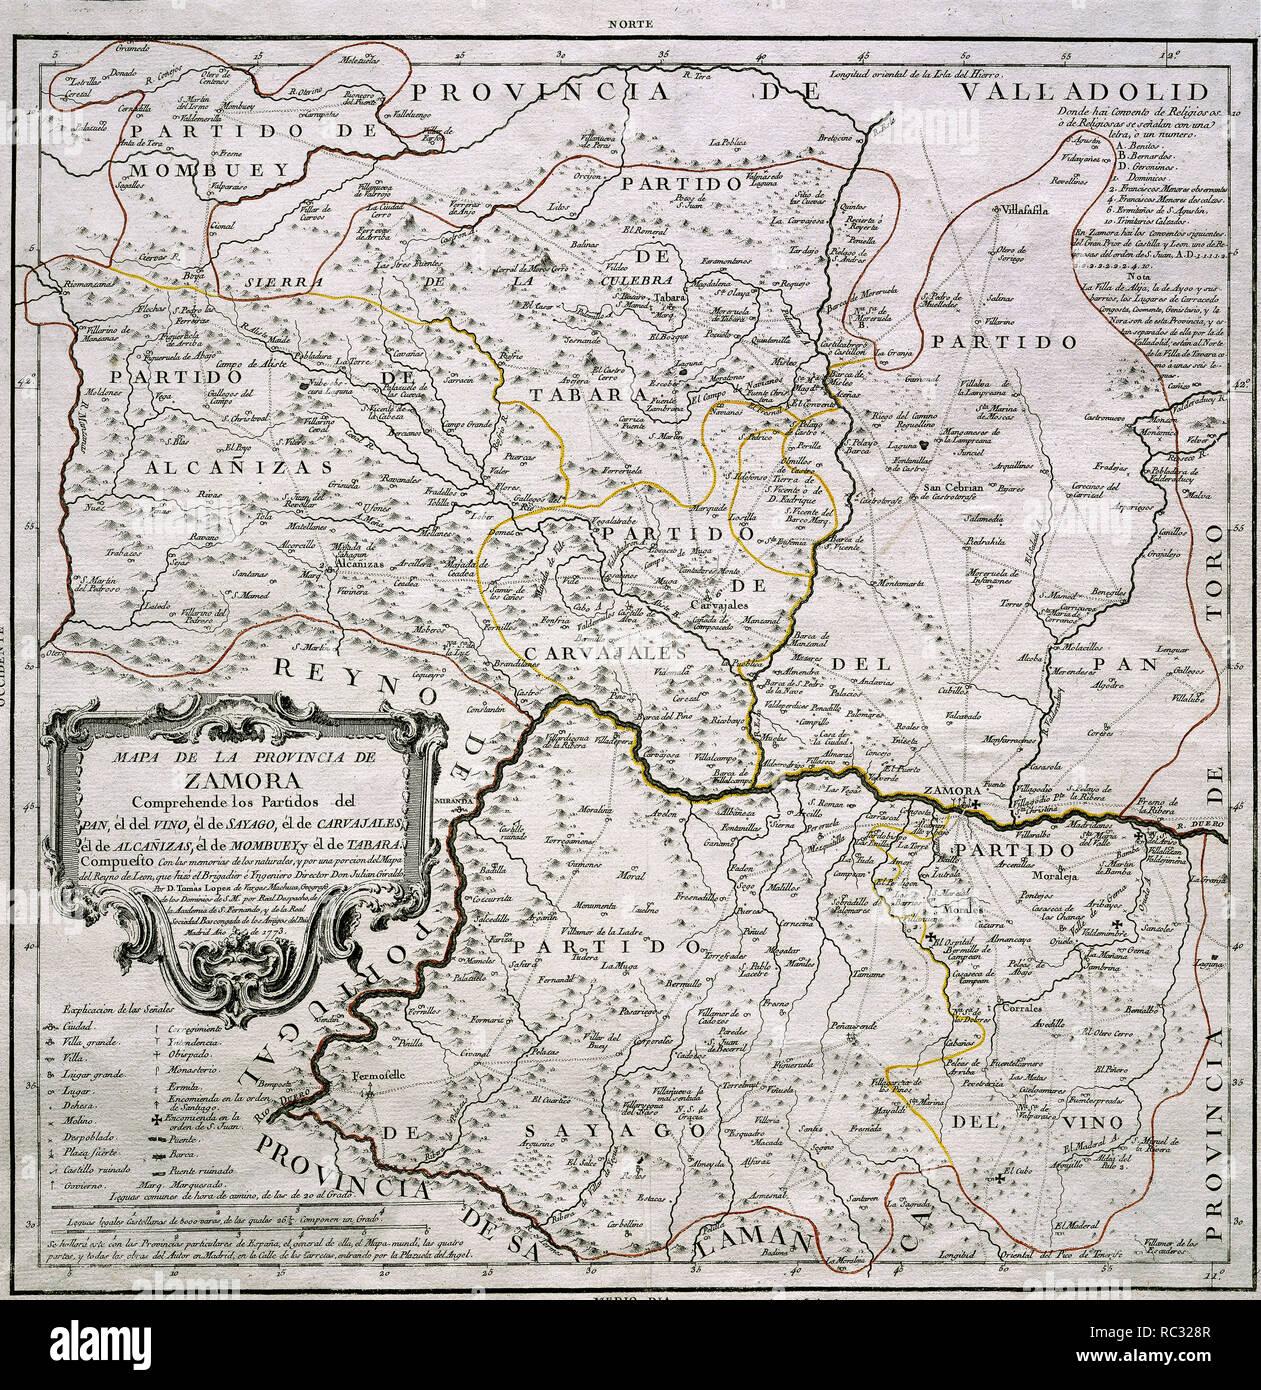 Provincia De Zamora Mapa.Mapa De La Provincia De Zamora 1773 Author Lopez Tomas